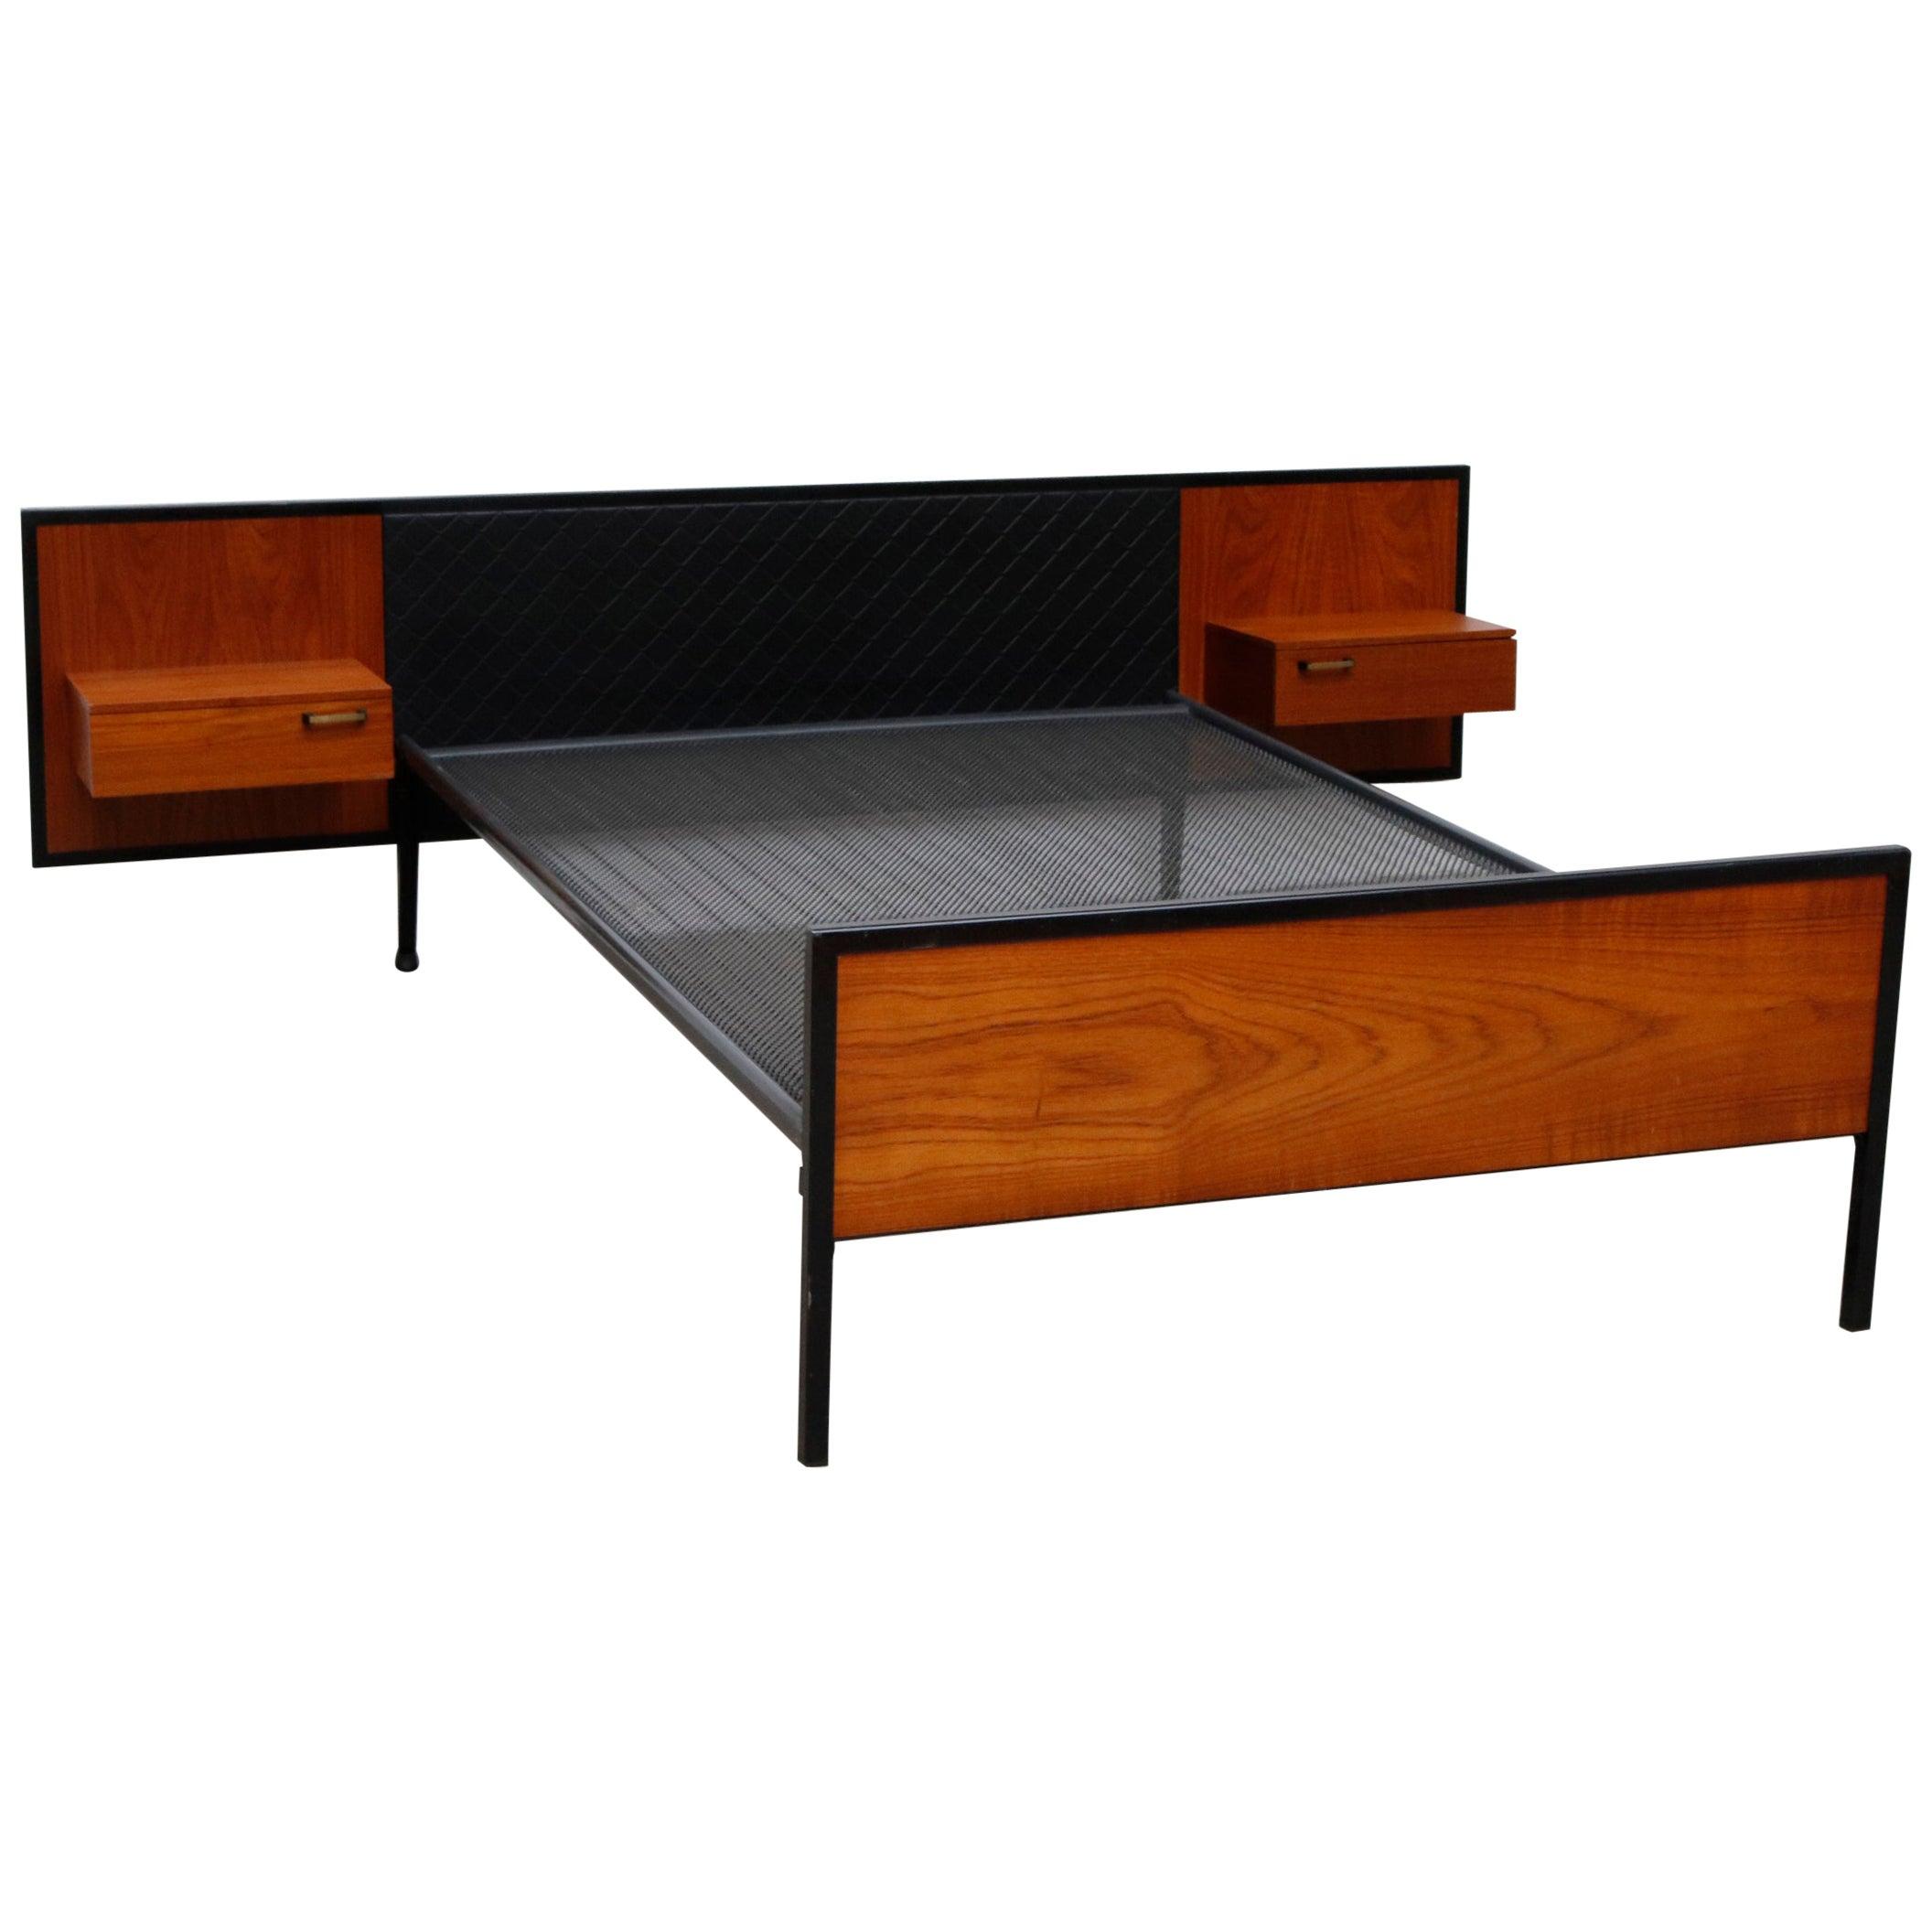 Midcentury Bed with Built in Nightstands